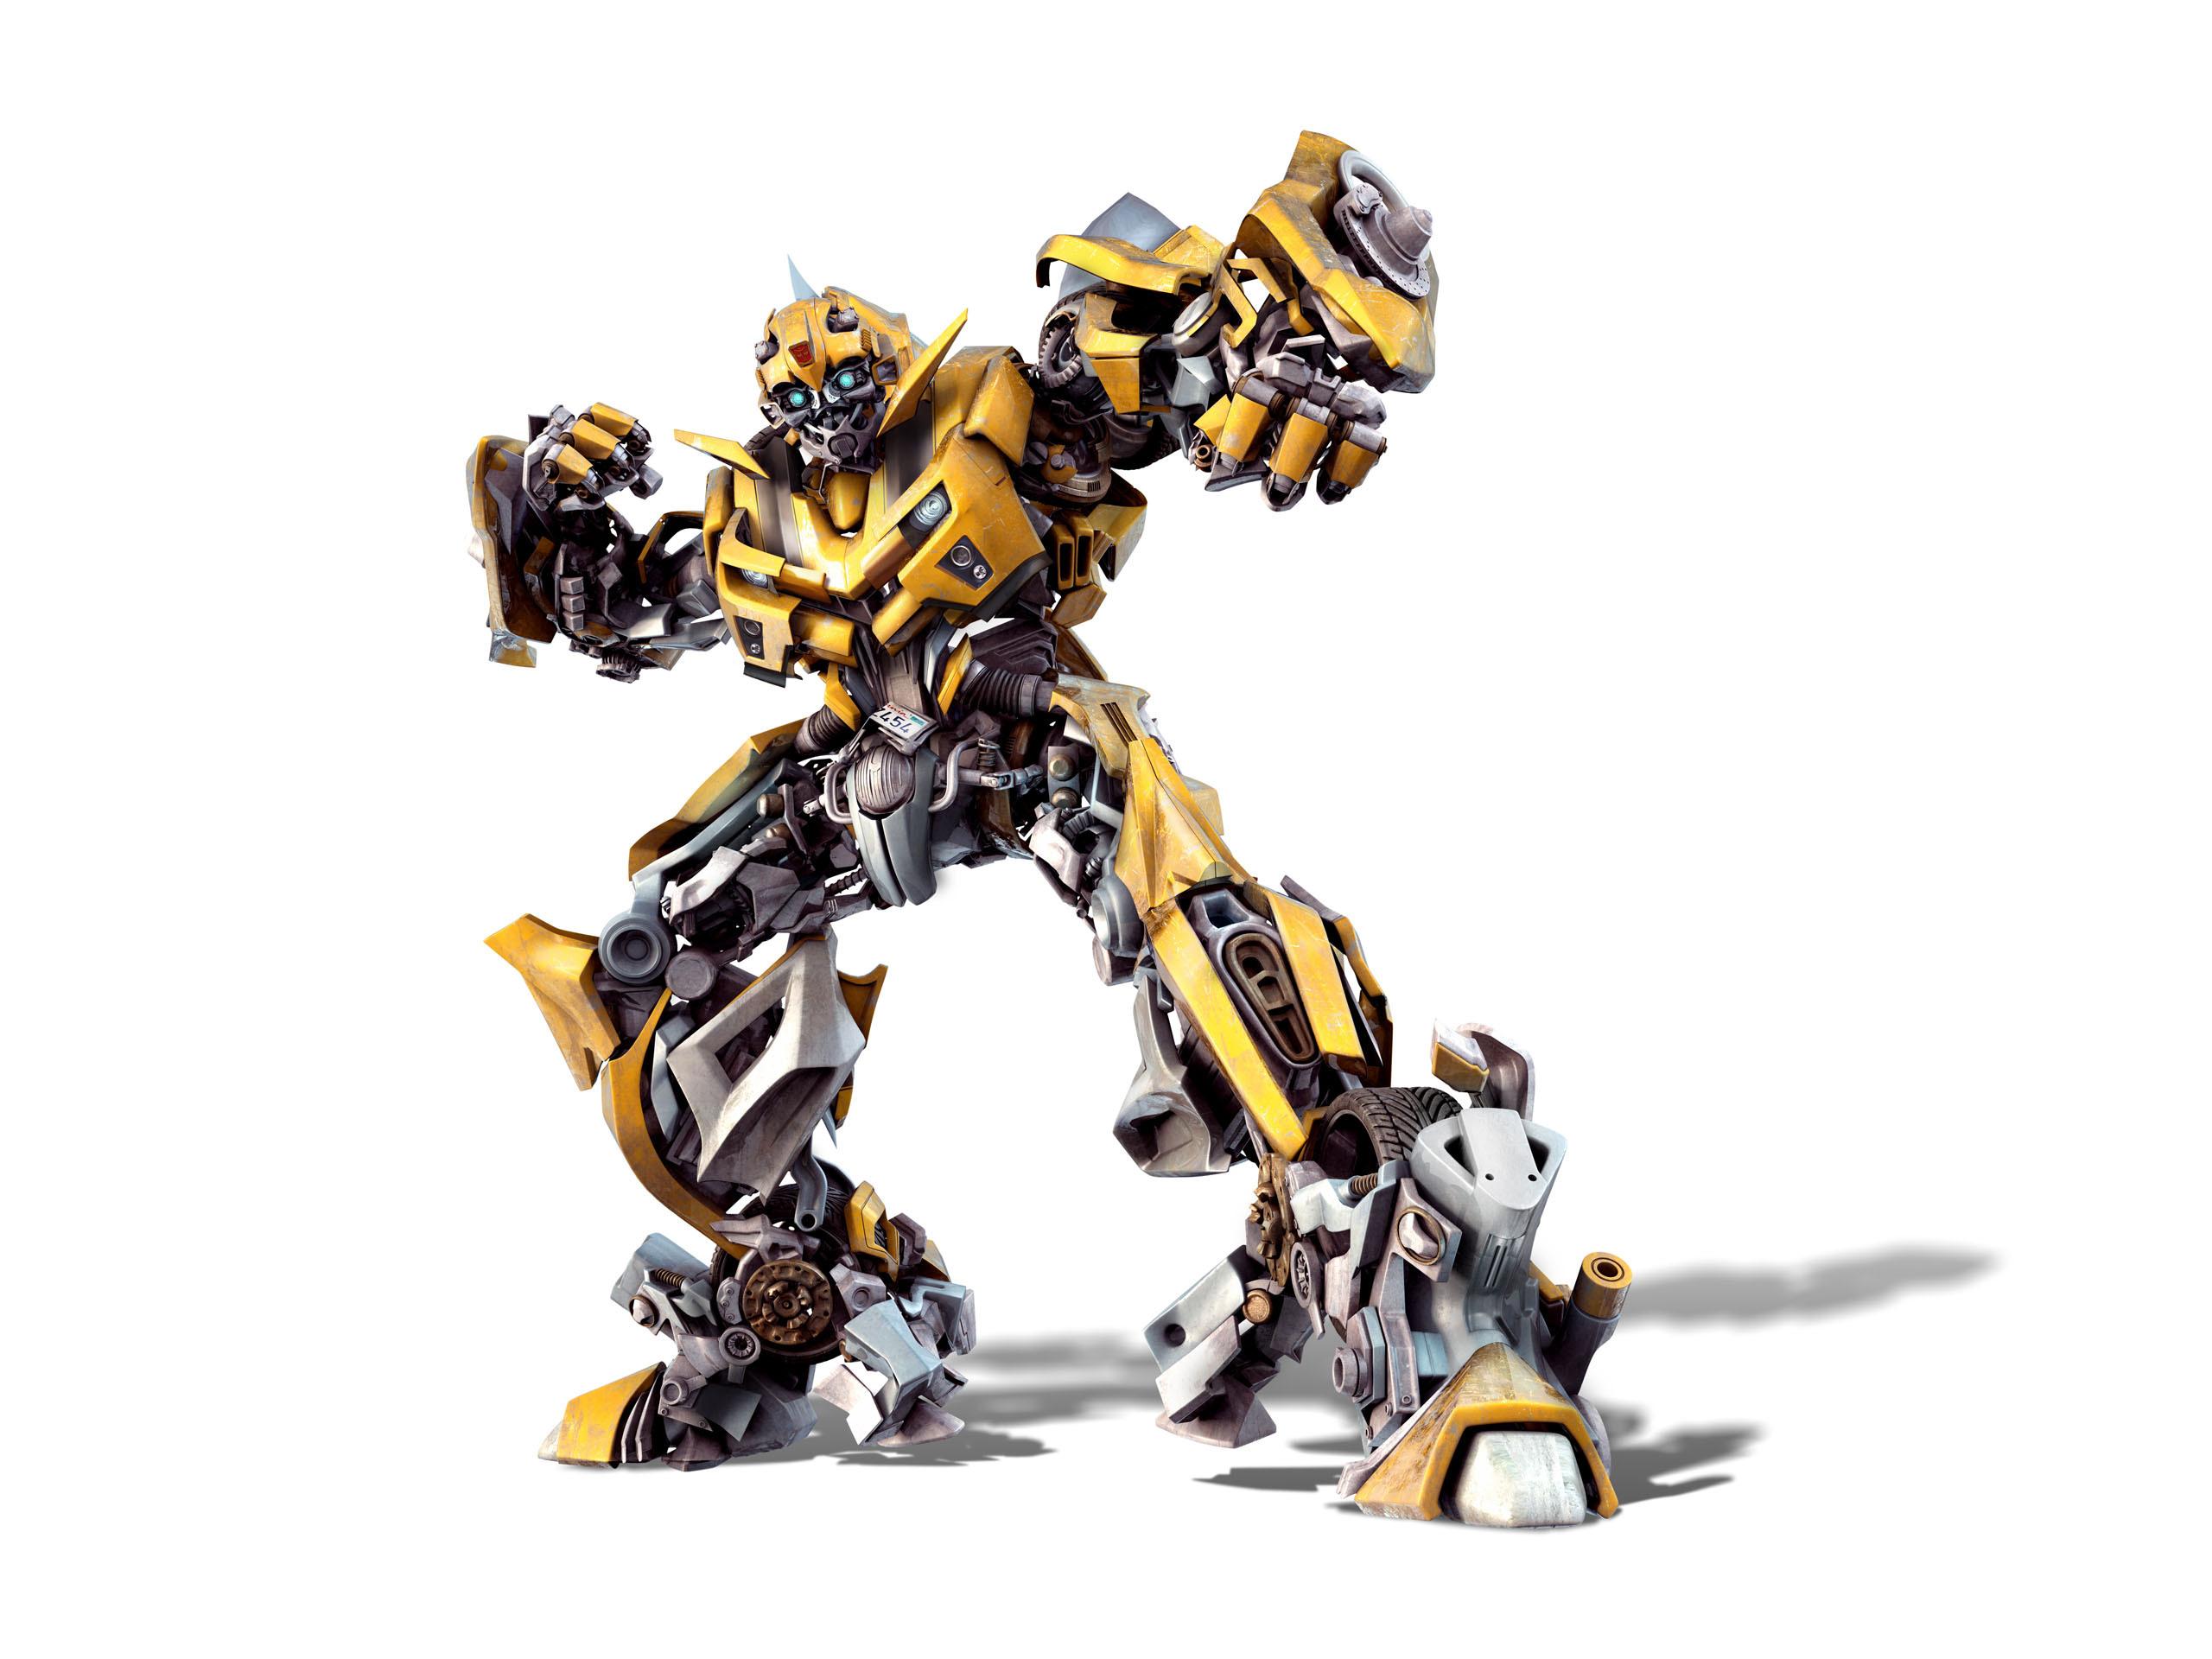 变形金刚3中出现的机器人都有哪些